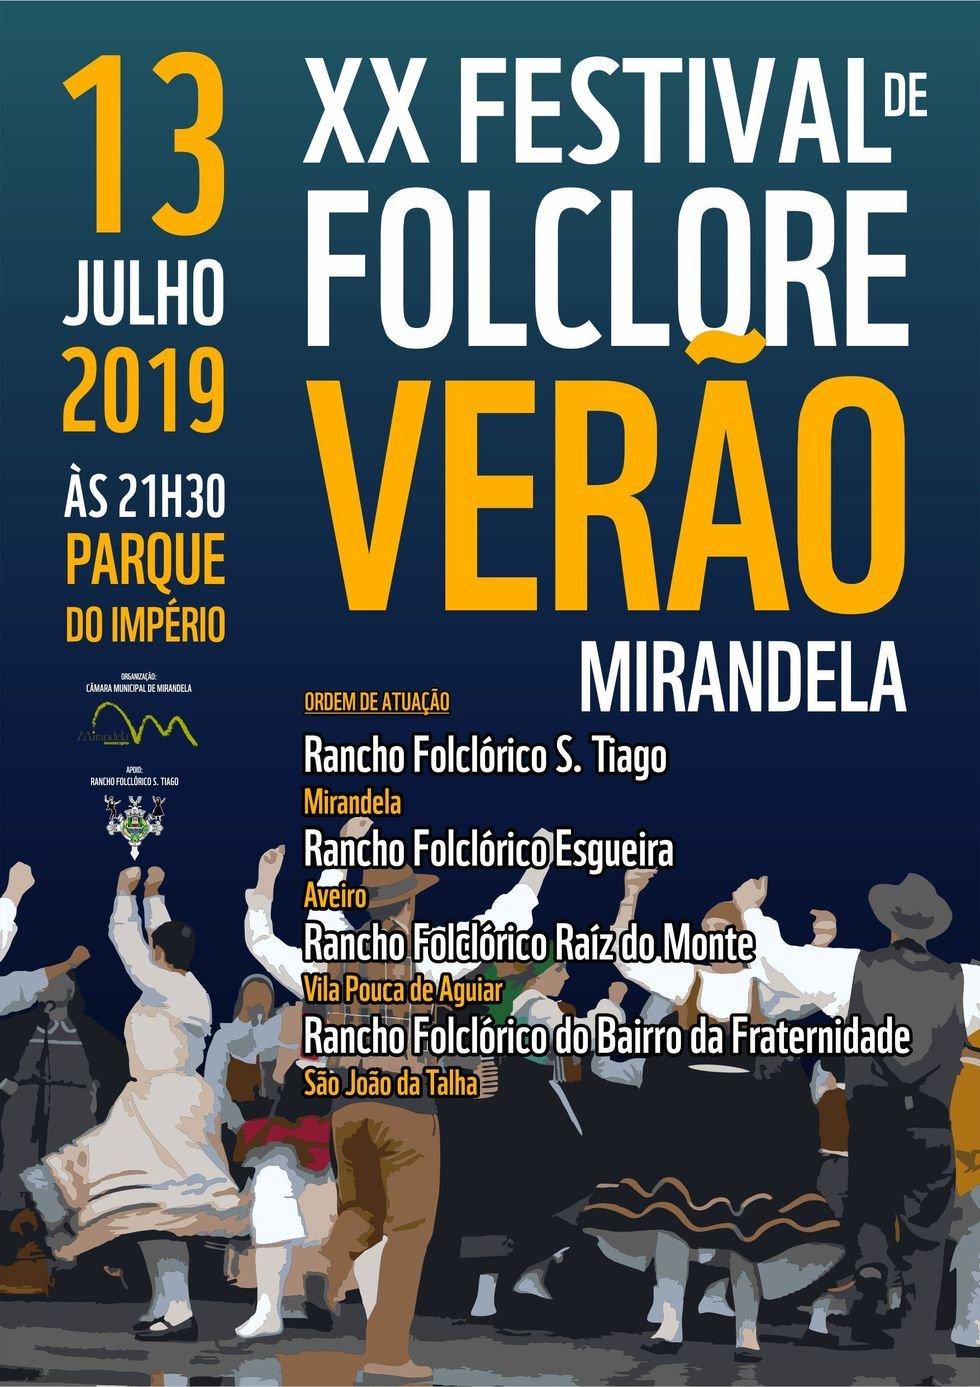 XX Festival de Folclore